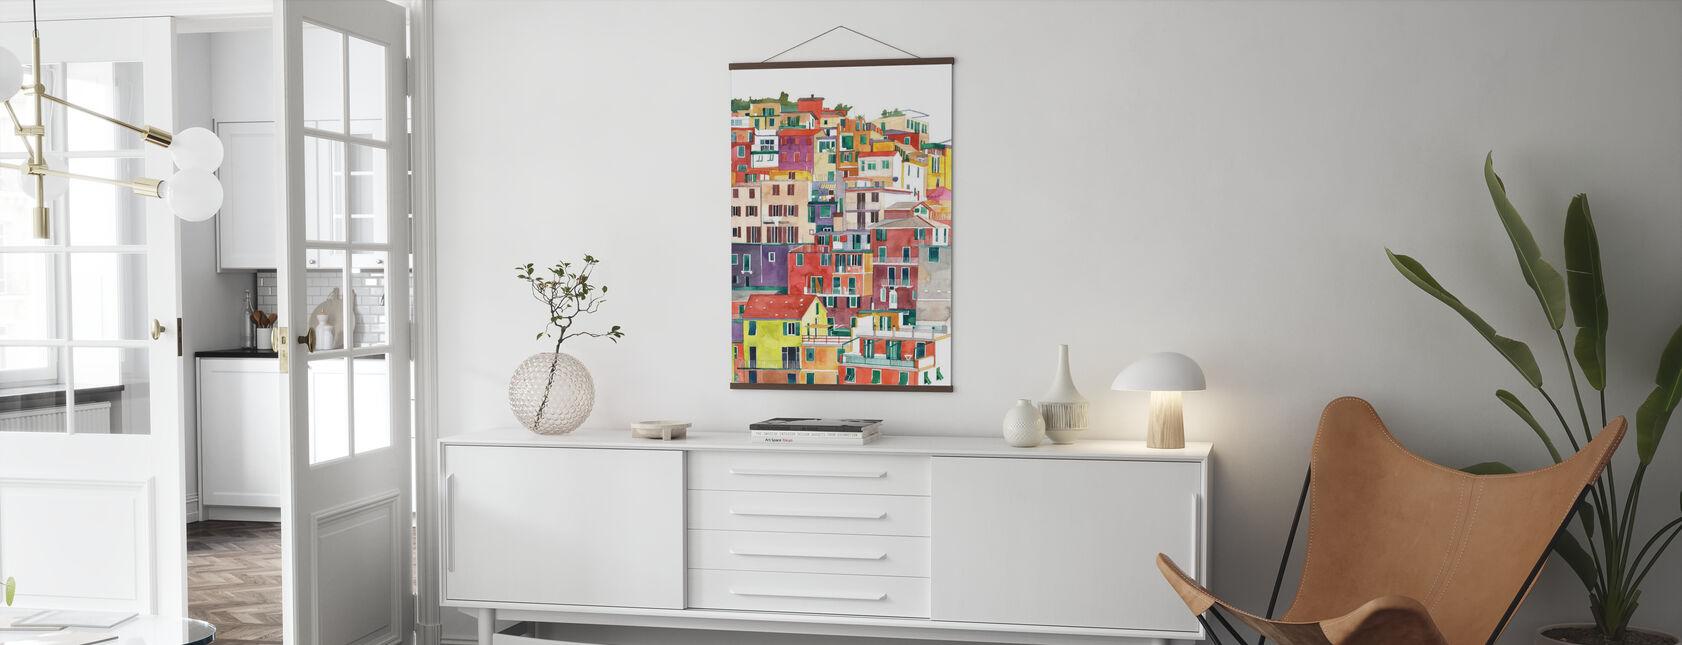 Cinque Terre - Plakat - Stue